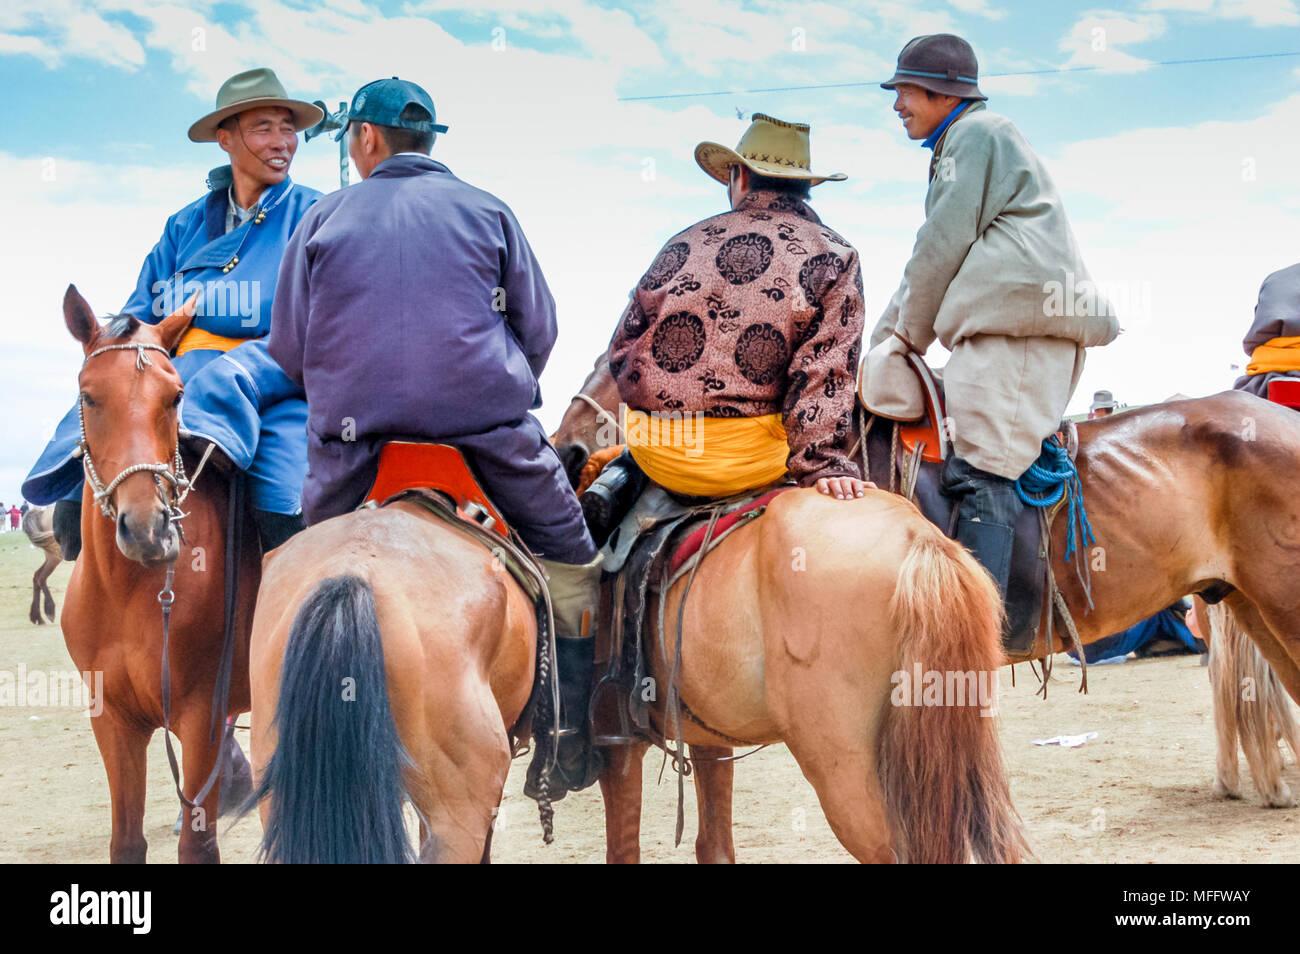 Khui Doloon Khudag, Mongolie - Juillet 12, 2010: cavaliers en costume traditionnel au Naadam course de chevaux sur l'extérieur des steppes Ulaanbaatar Photo Stock